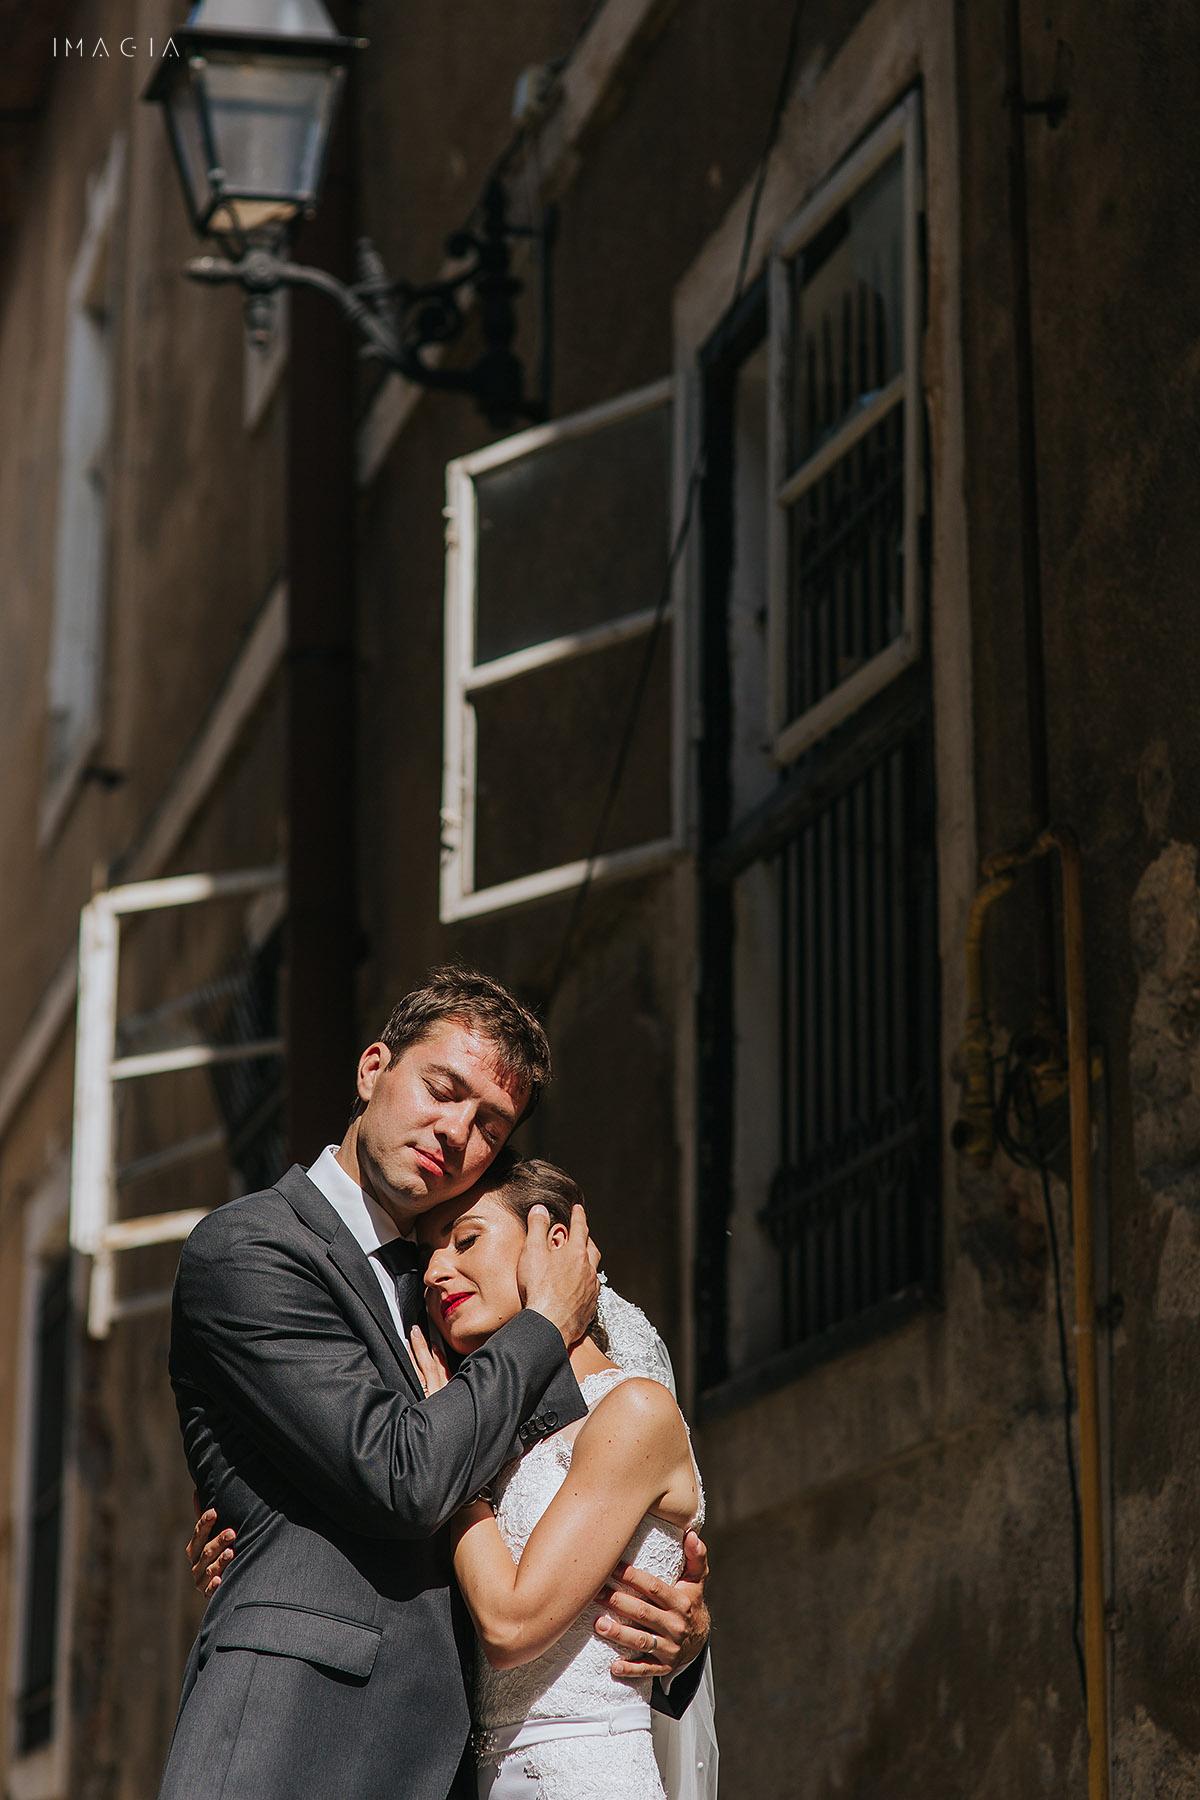 Fotografie de nunta realizata de imagia.ro in Baia Mare